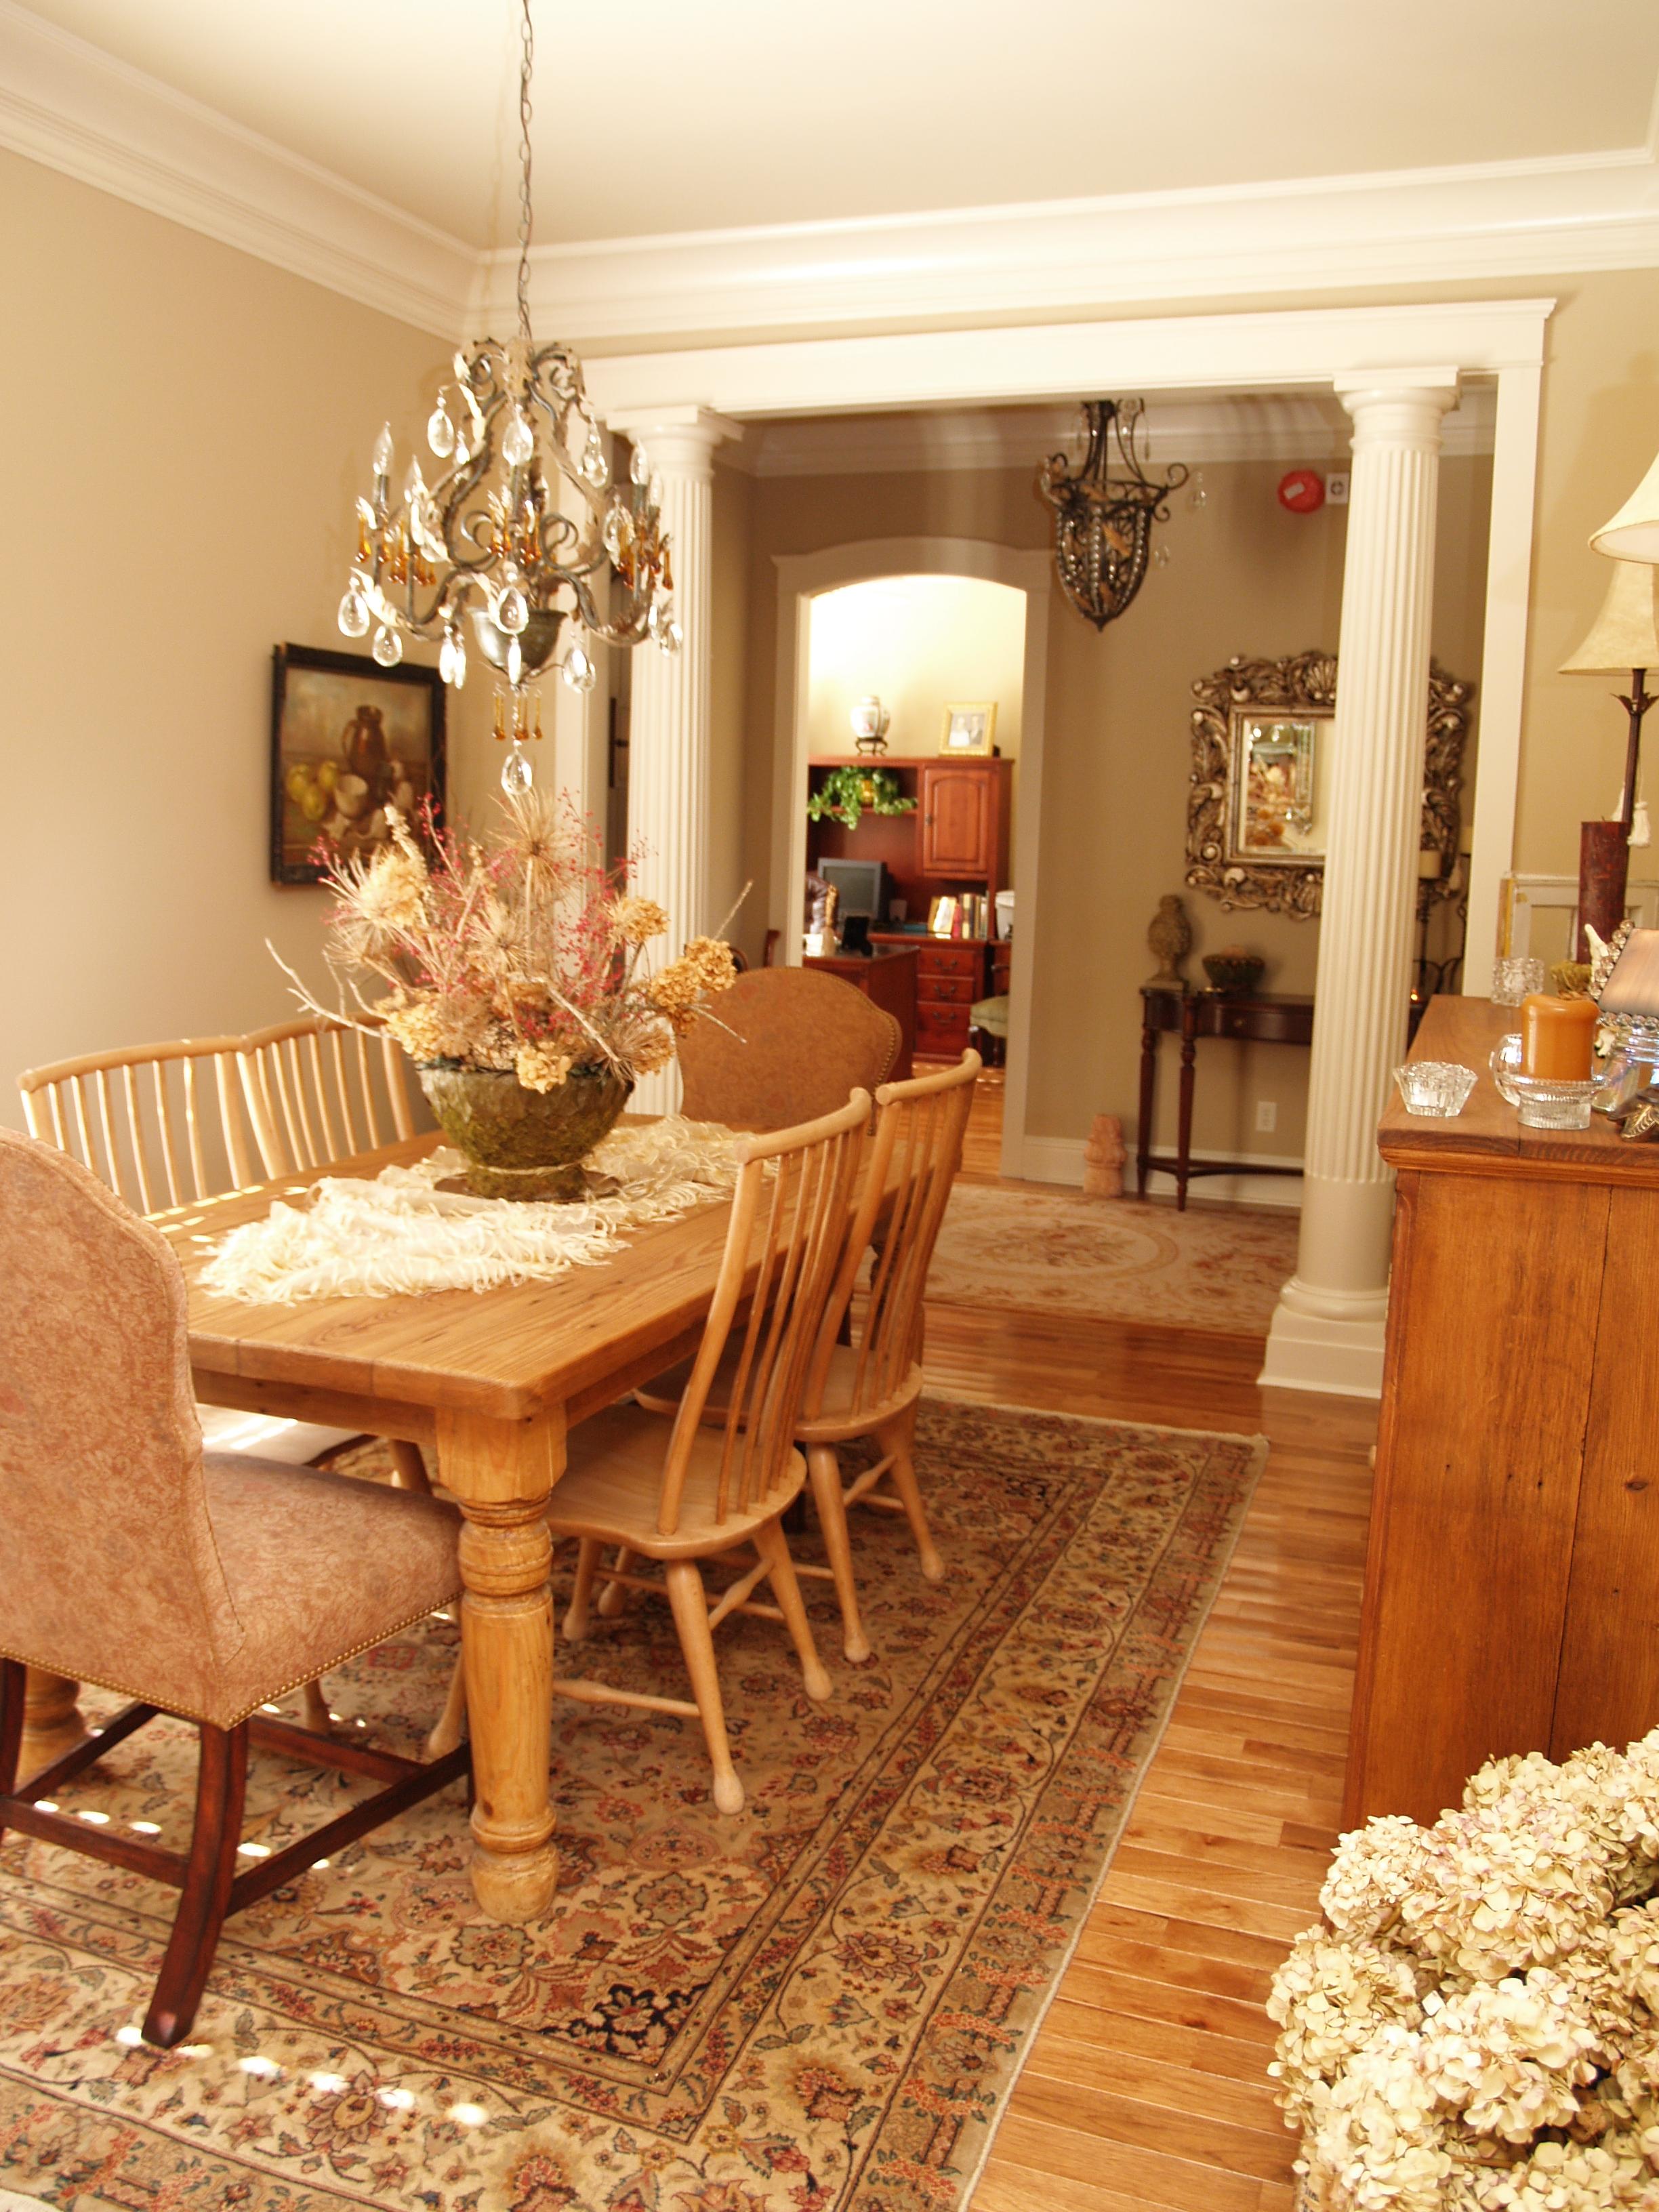 Lemongrass custom homes is a full service design build company - Lemongrass custom home design inc ...